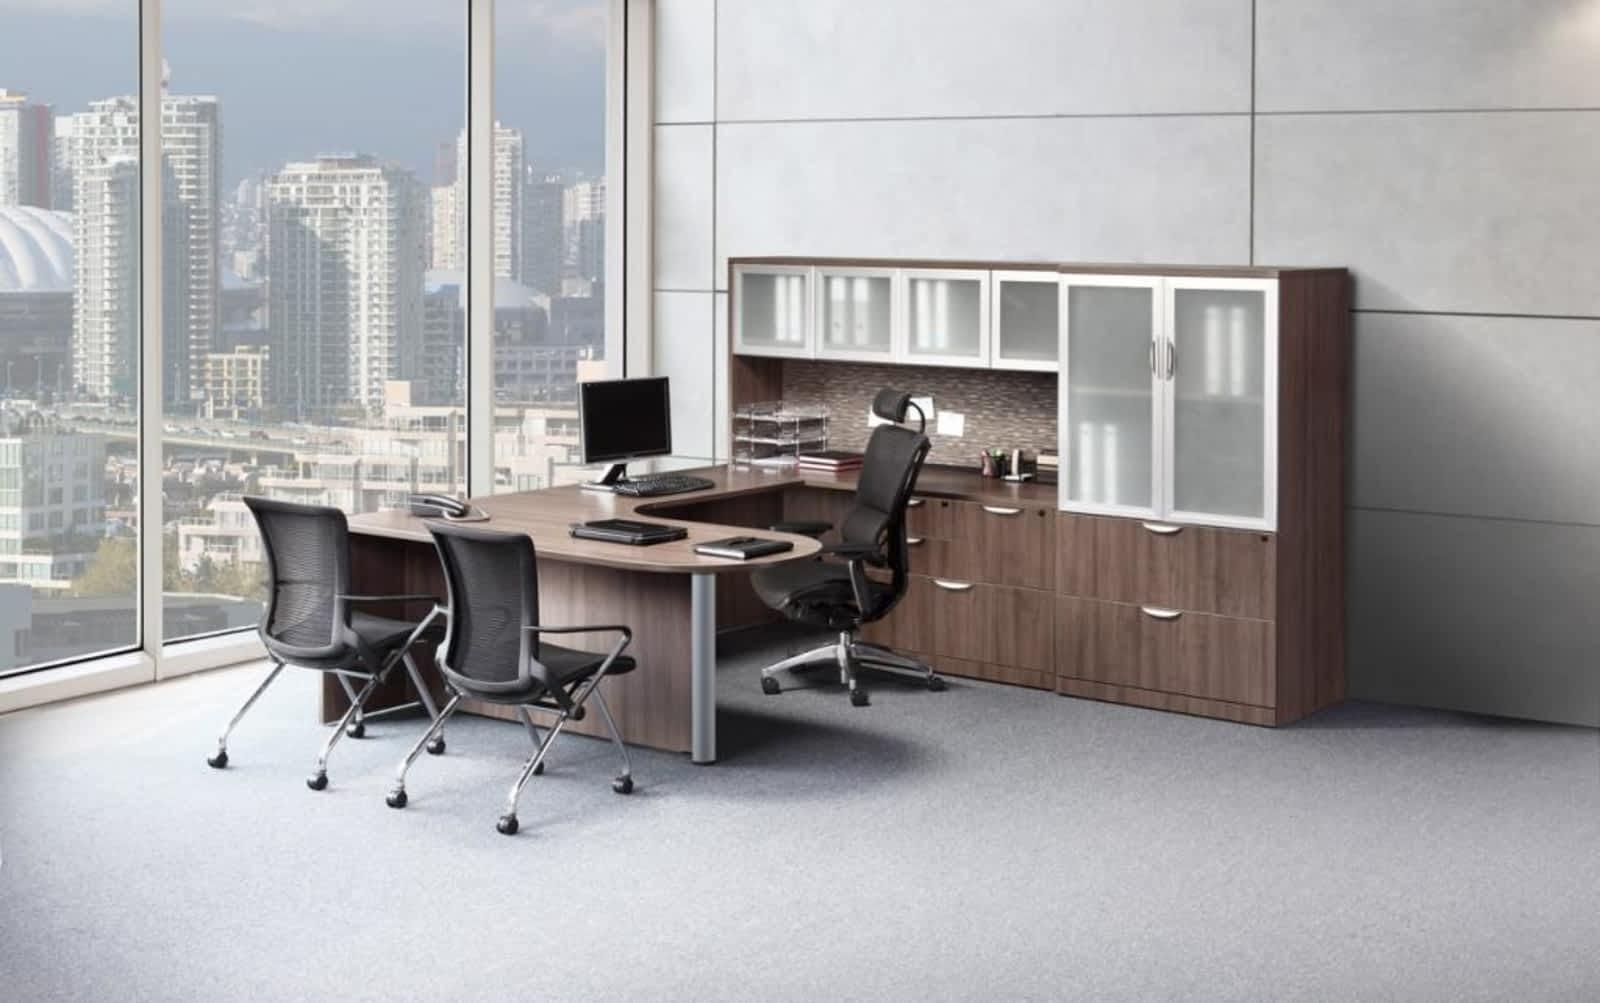 Recuperation meubles sherbrooke meubles de bureau usagés rive